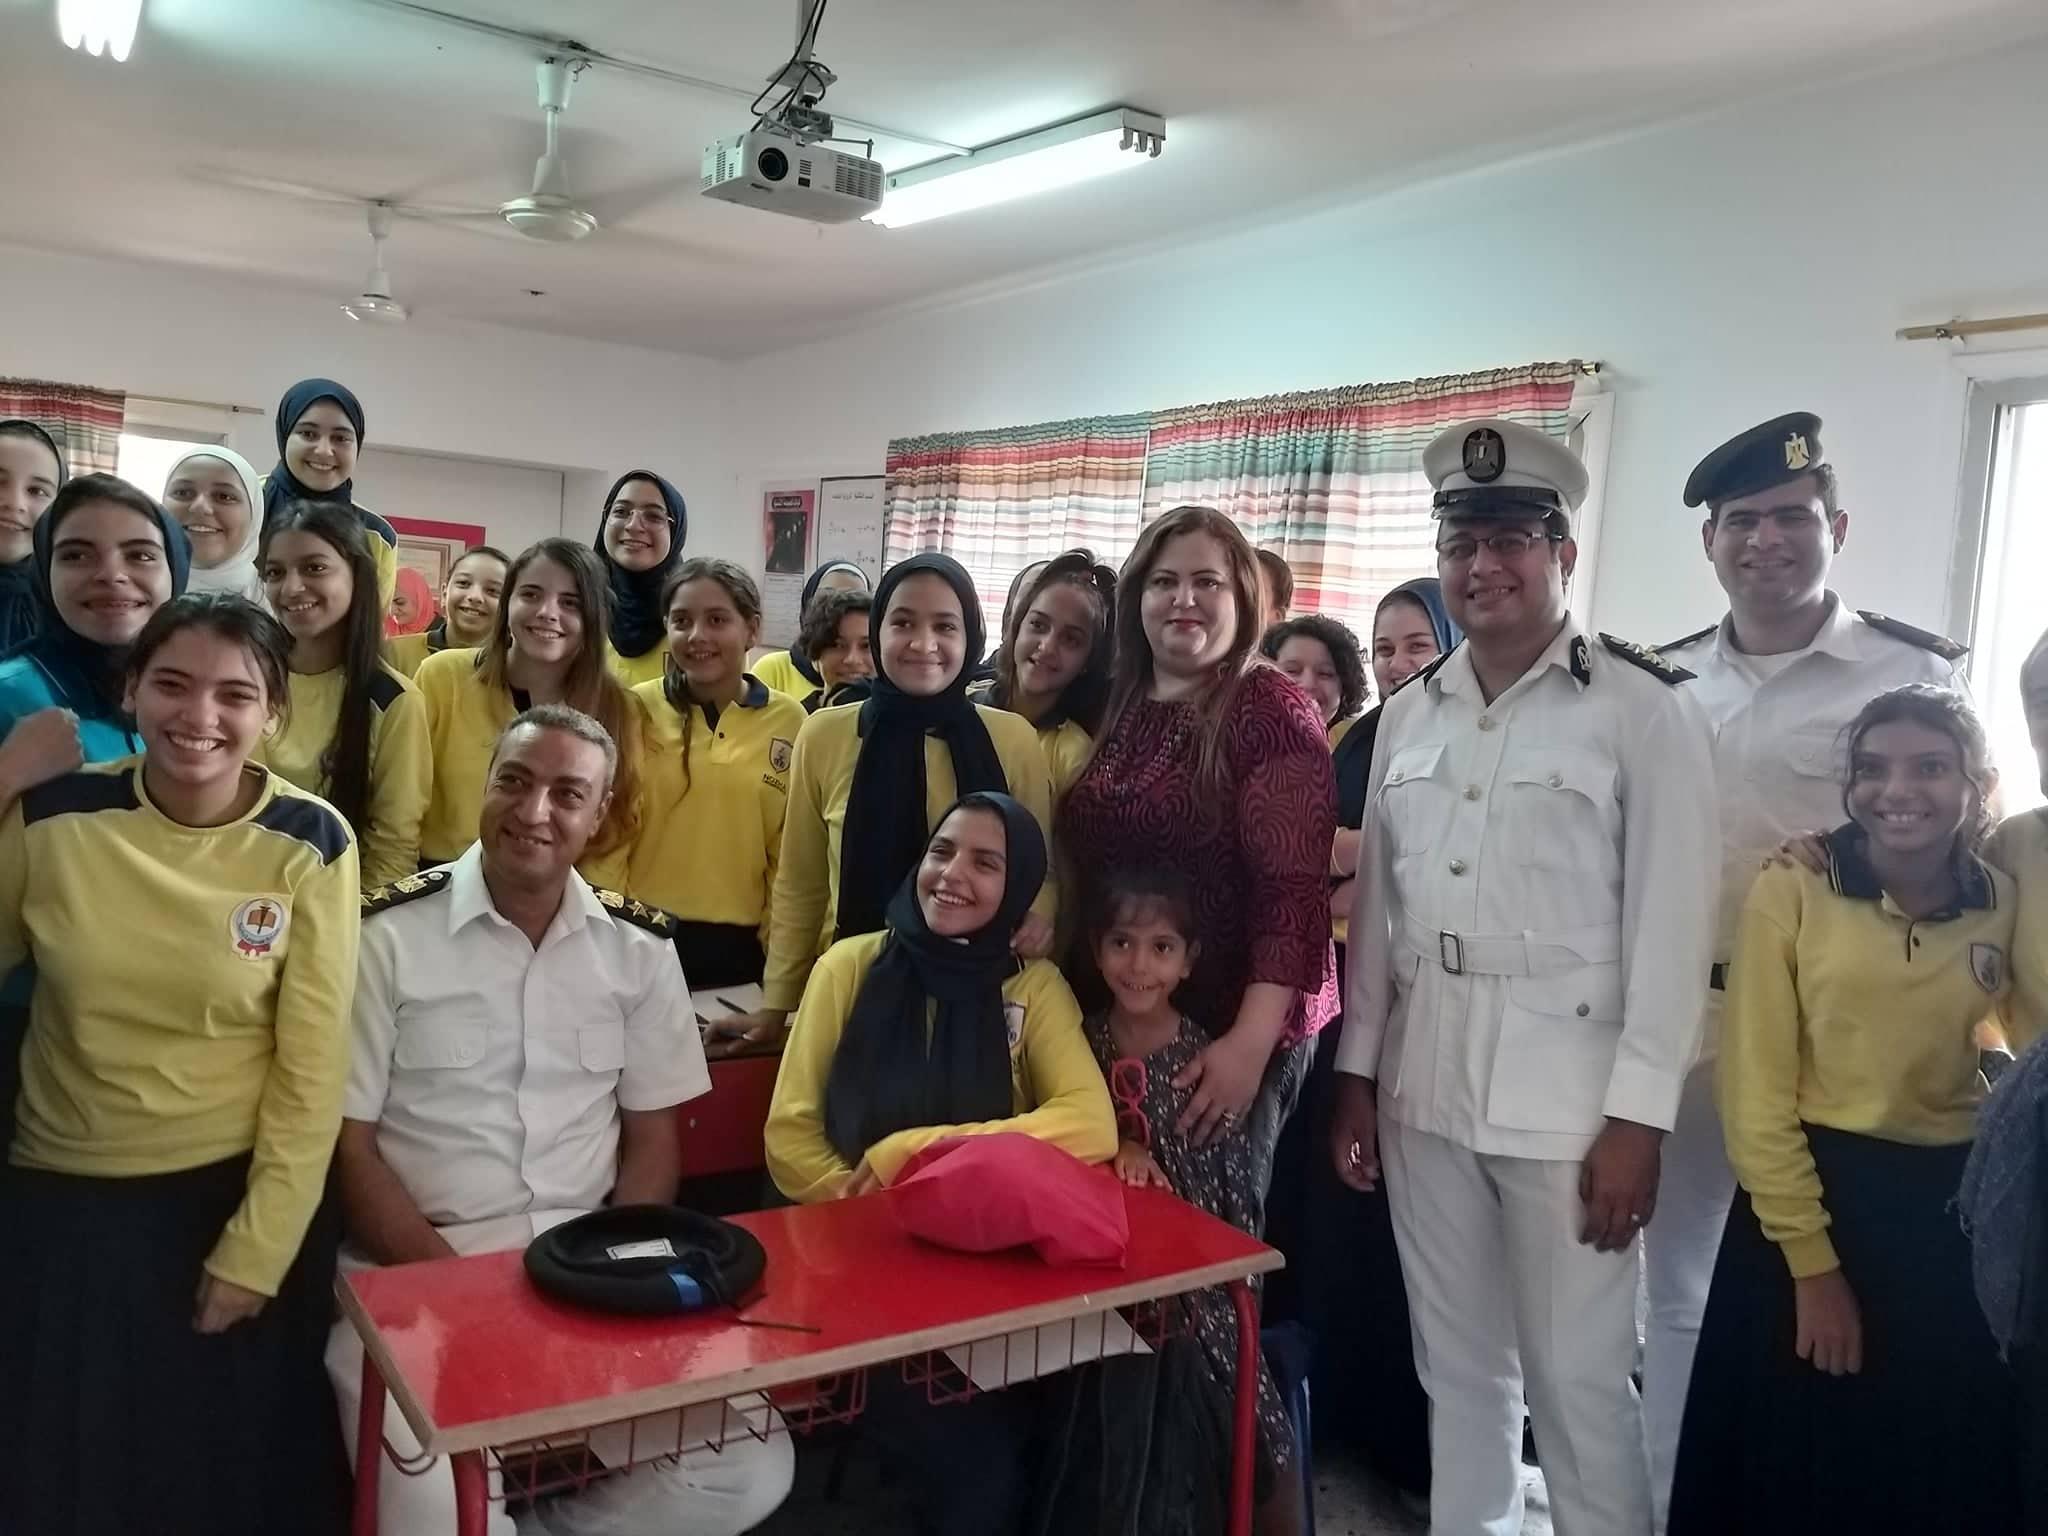 ضباط فى مدرسة بنات الشهيد هشام عزب  (3)